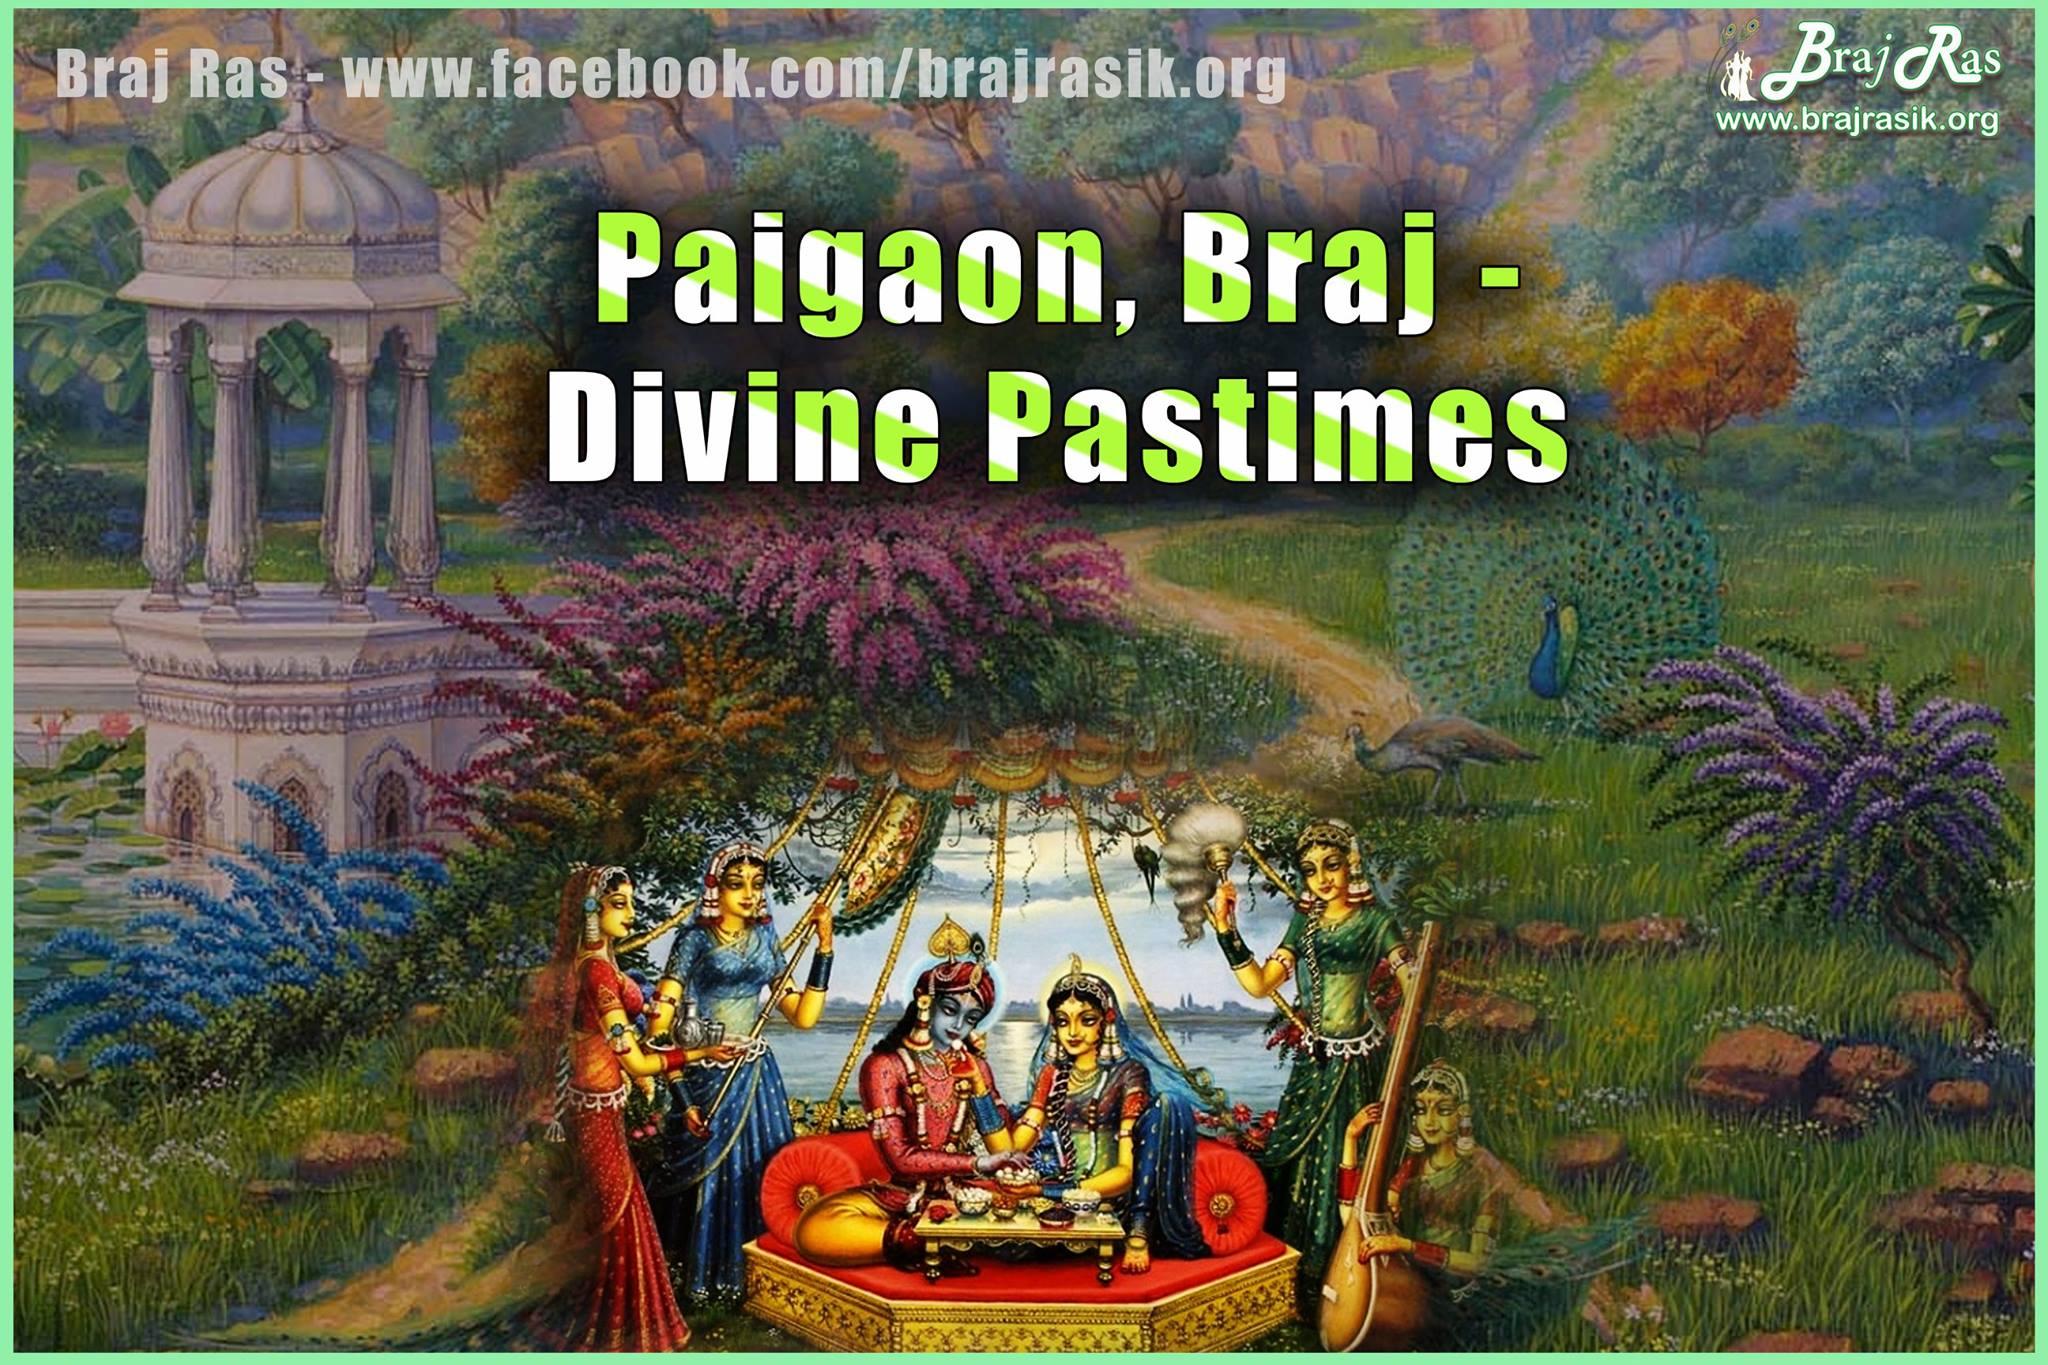 Paigon Braj - Divine Pastimes